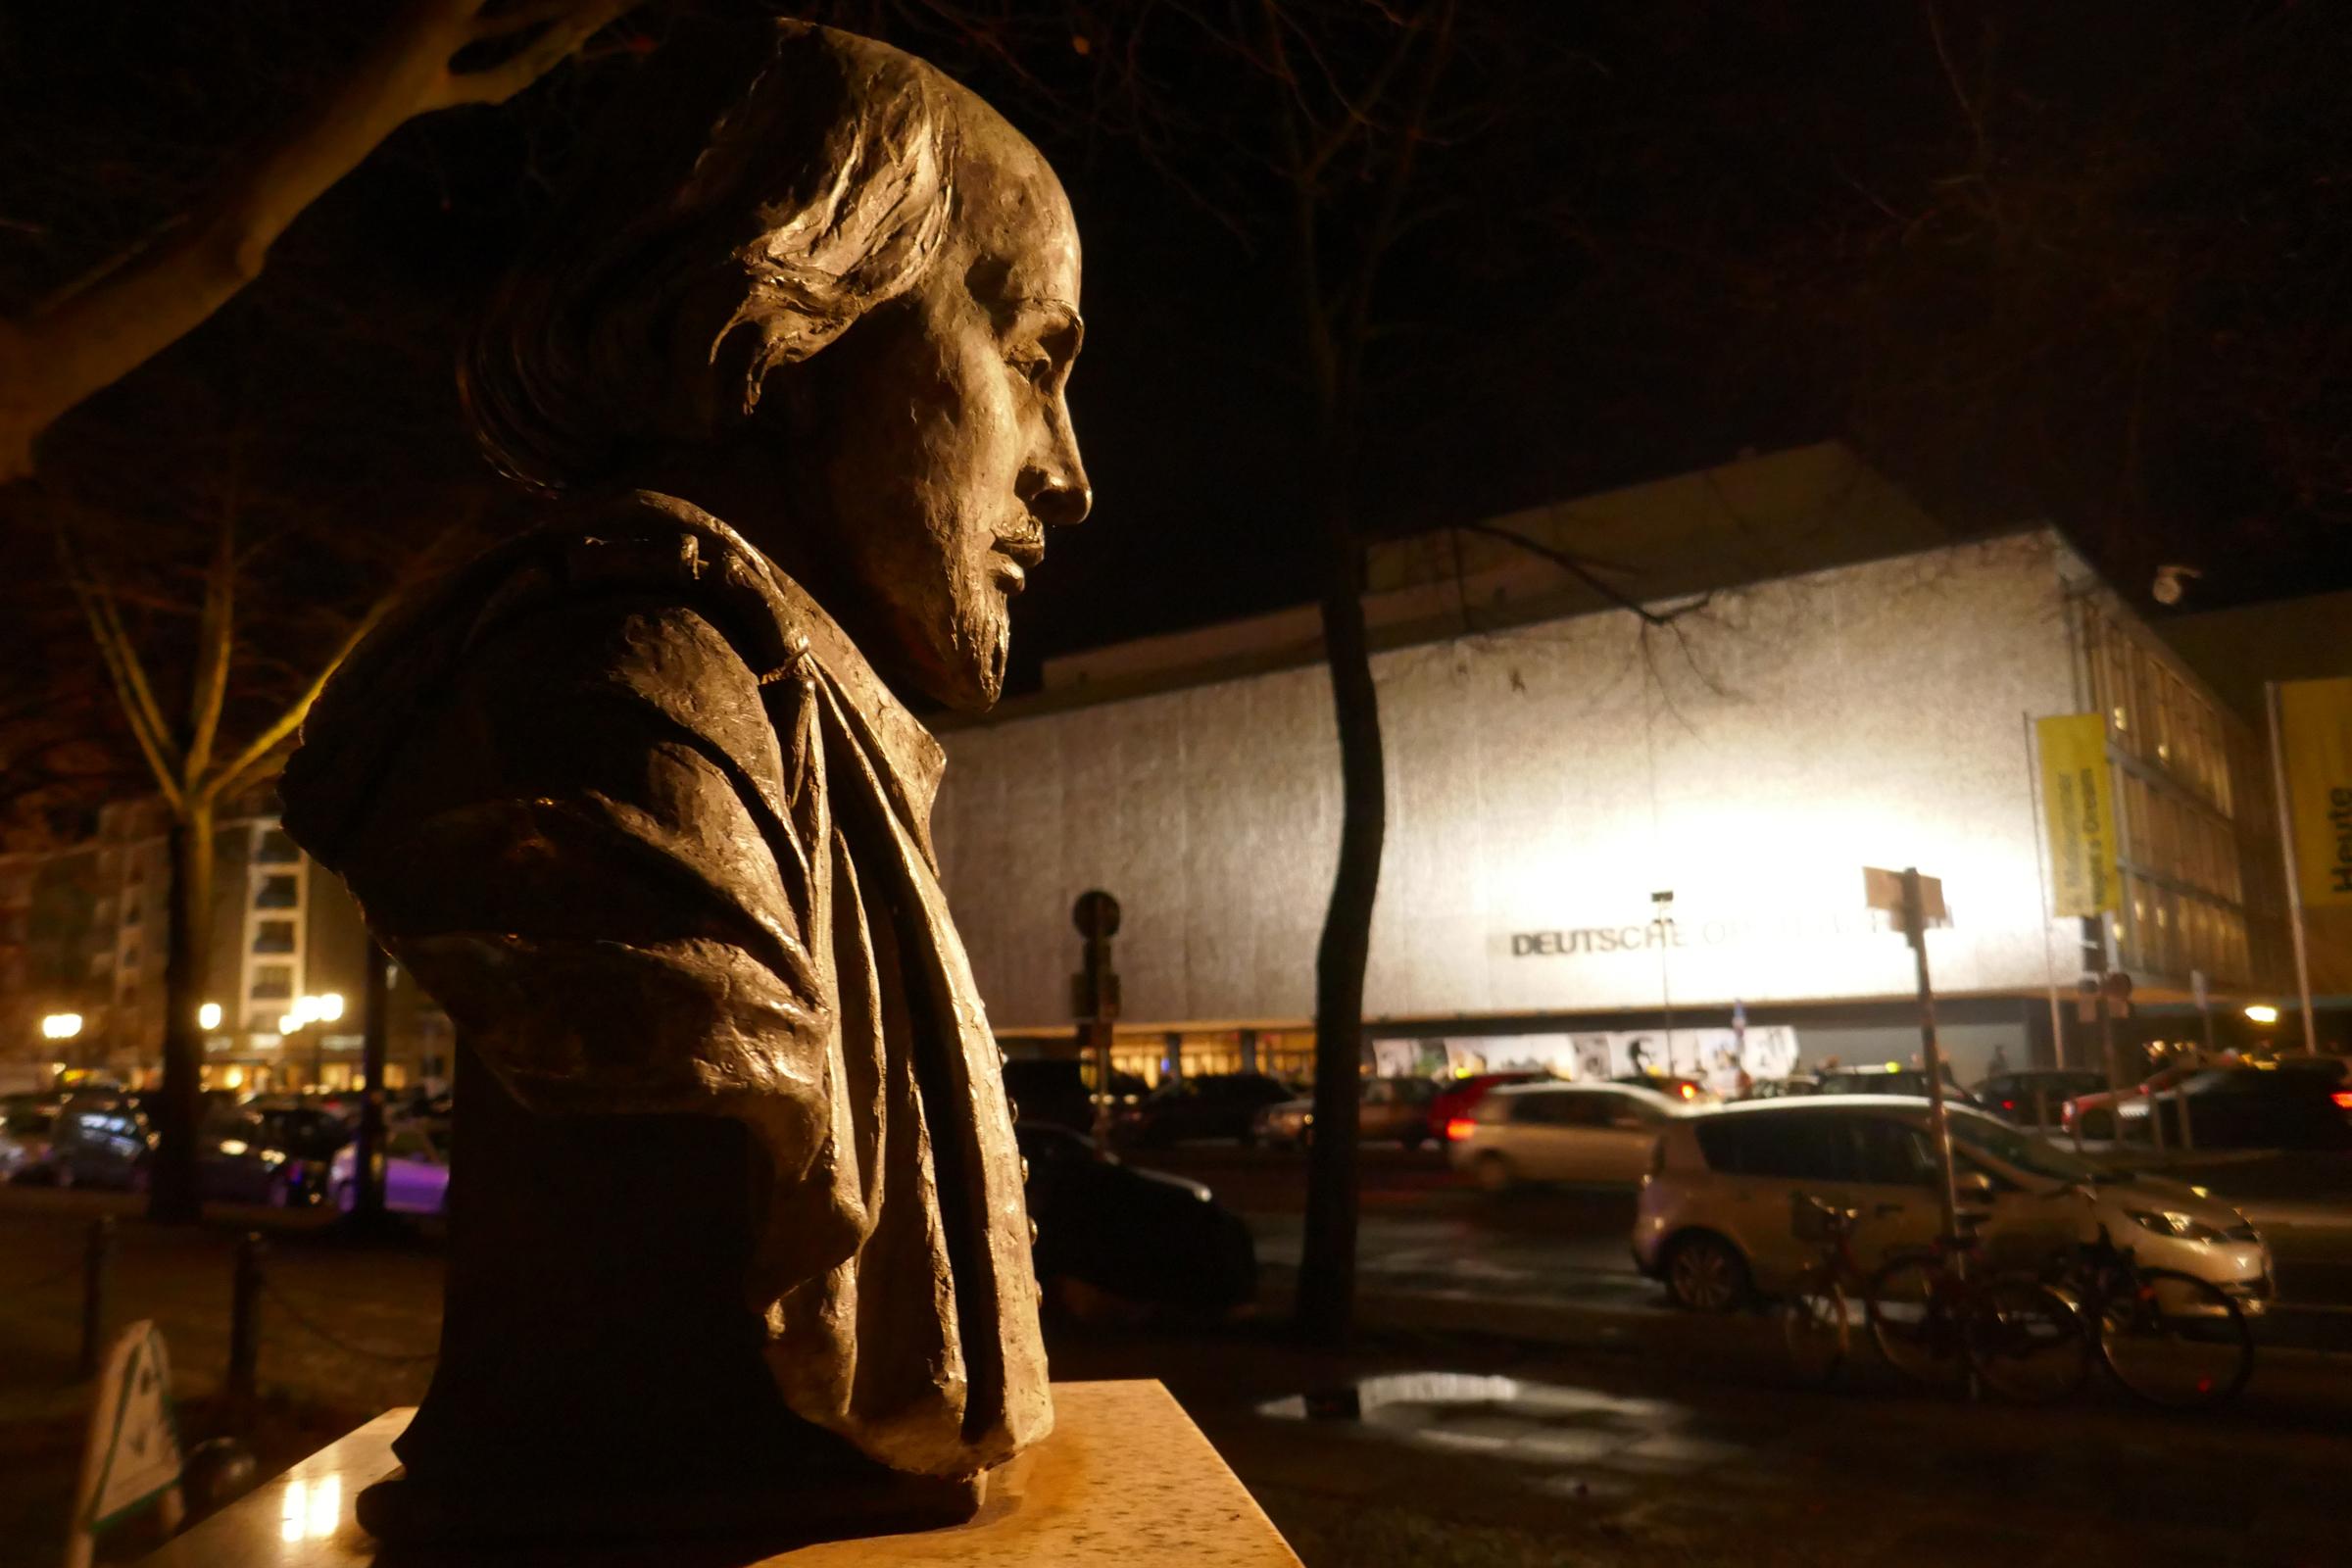 Shakespeare-Denkmal gegenüber der Deutschen Oper. Foto: Ulrich Horb